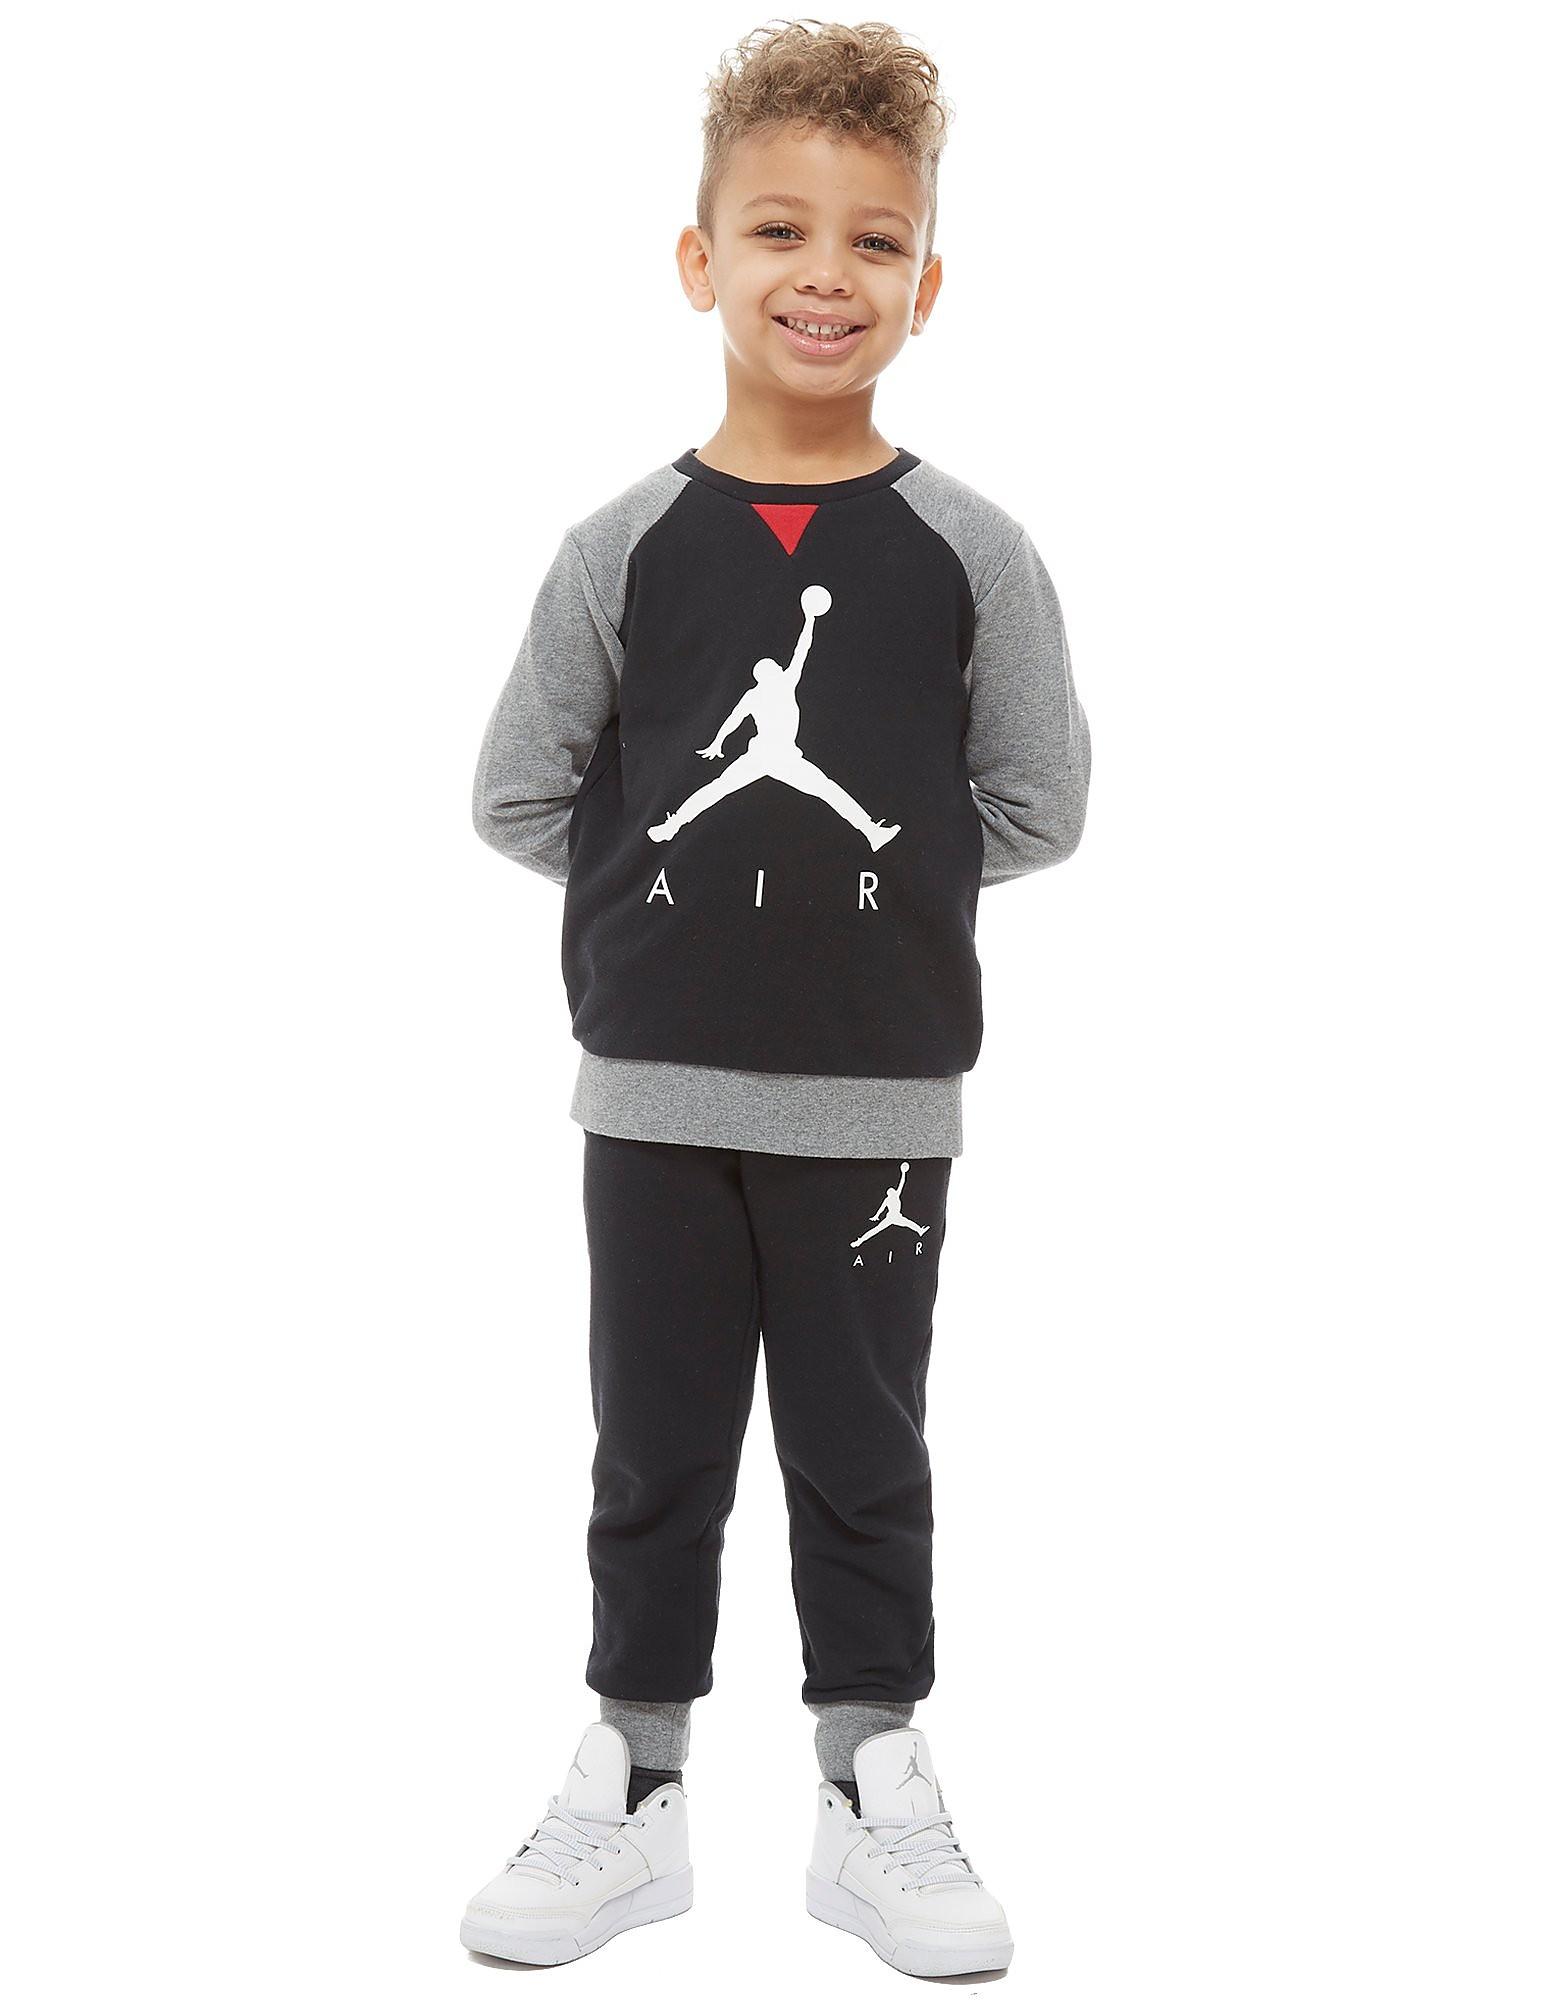 Jordan Air 3 Crew Suit Kinderen